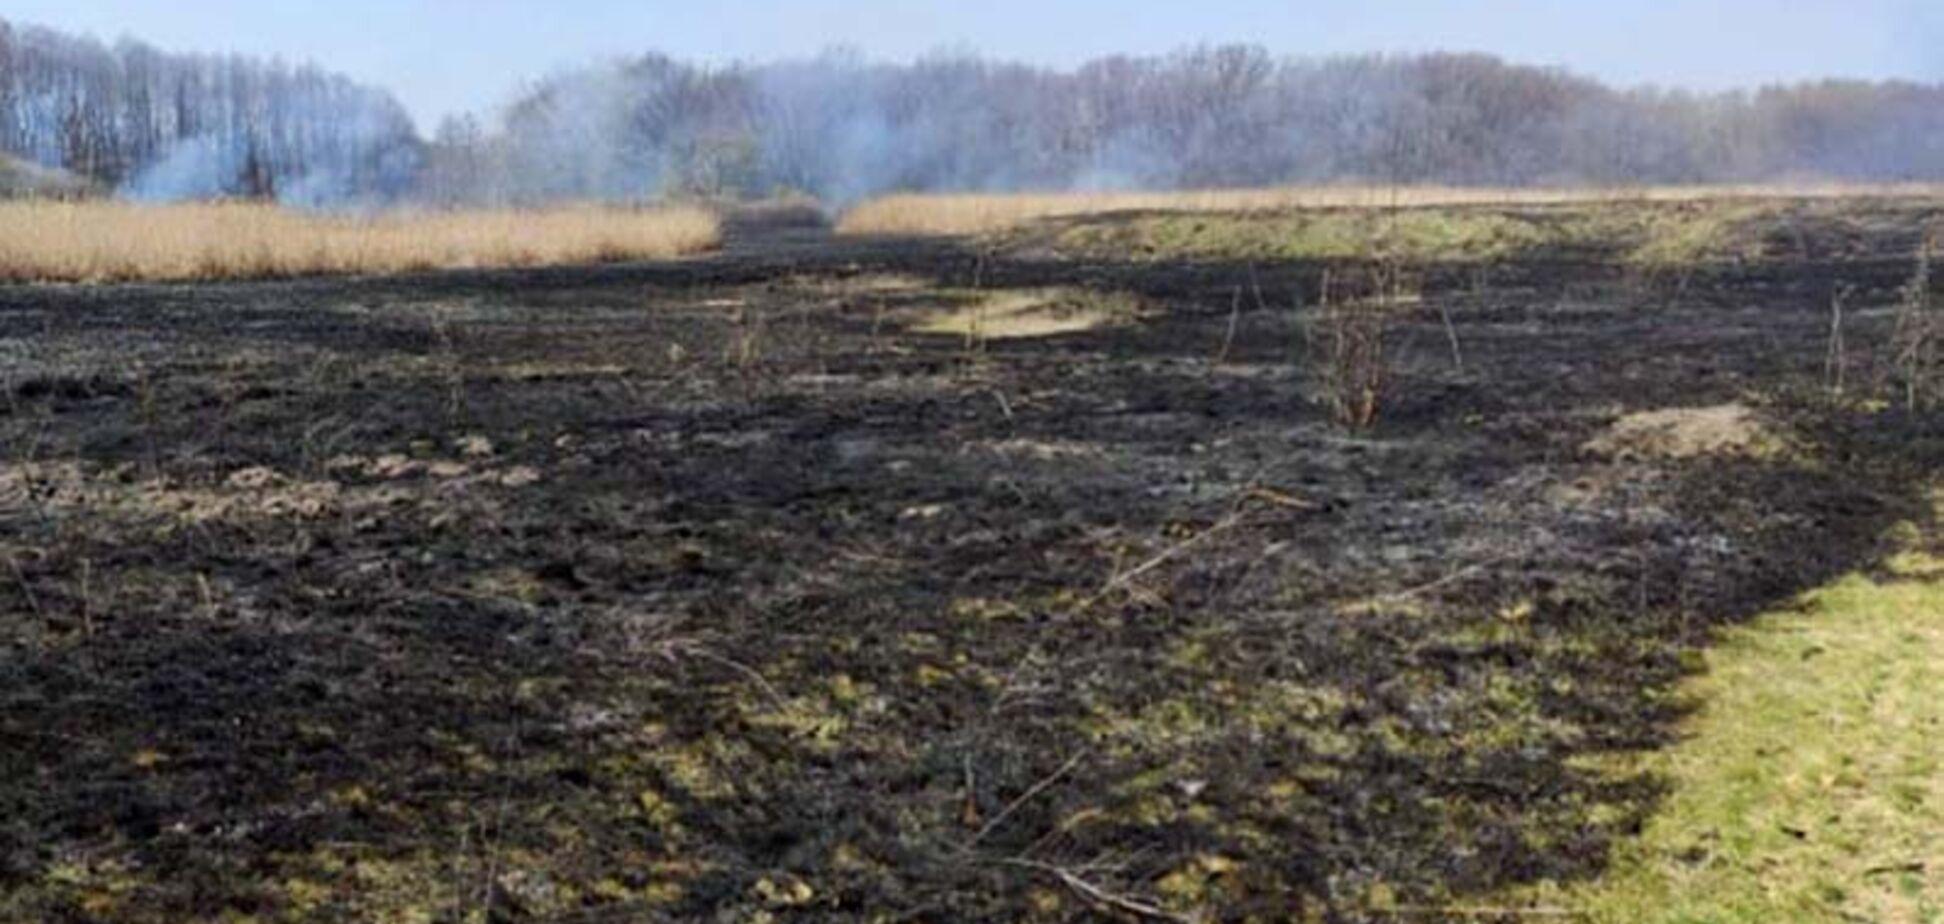 На Дніпропетровщині масово горять поля: за добу вогонь знищив 20 гектарів. Фото